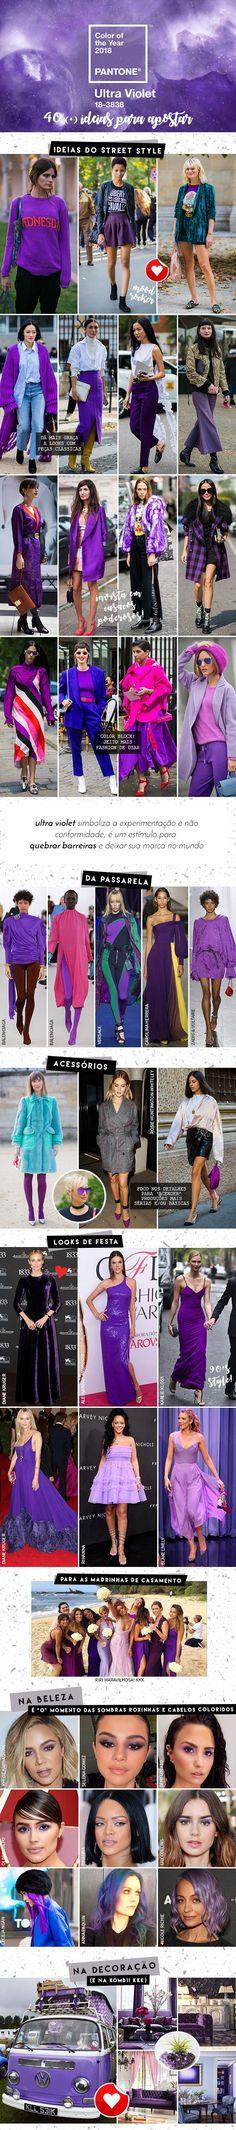 40 (+) ideias para usar Ultra Violet - a cor de 2018, segundo a Pantone! - Garotas Estúpidas - Garotas Estúpidas